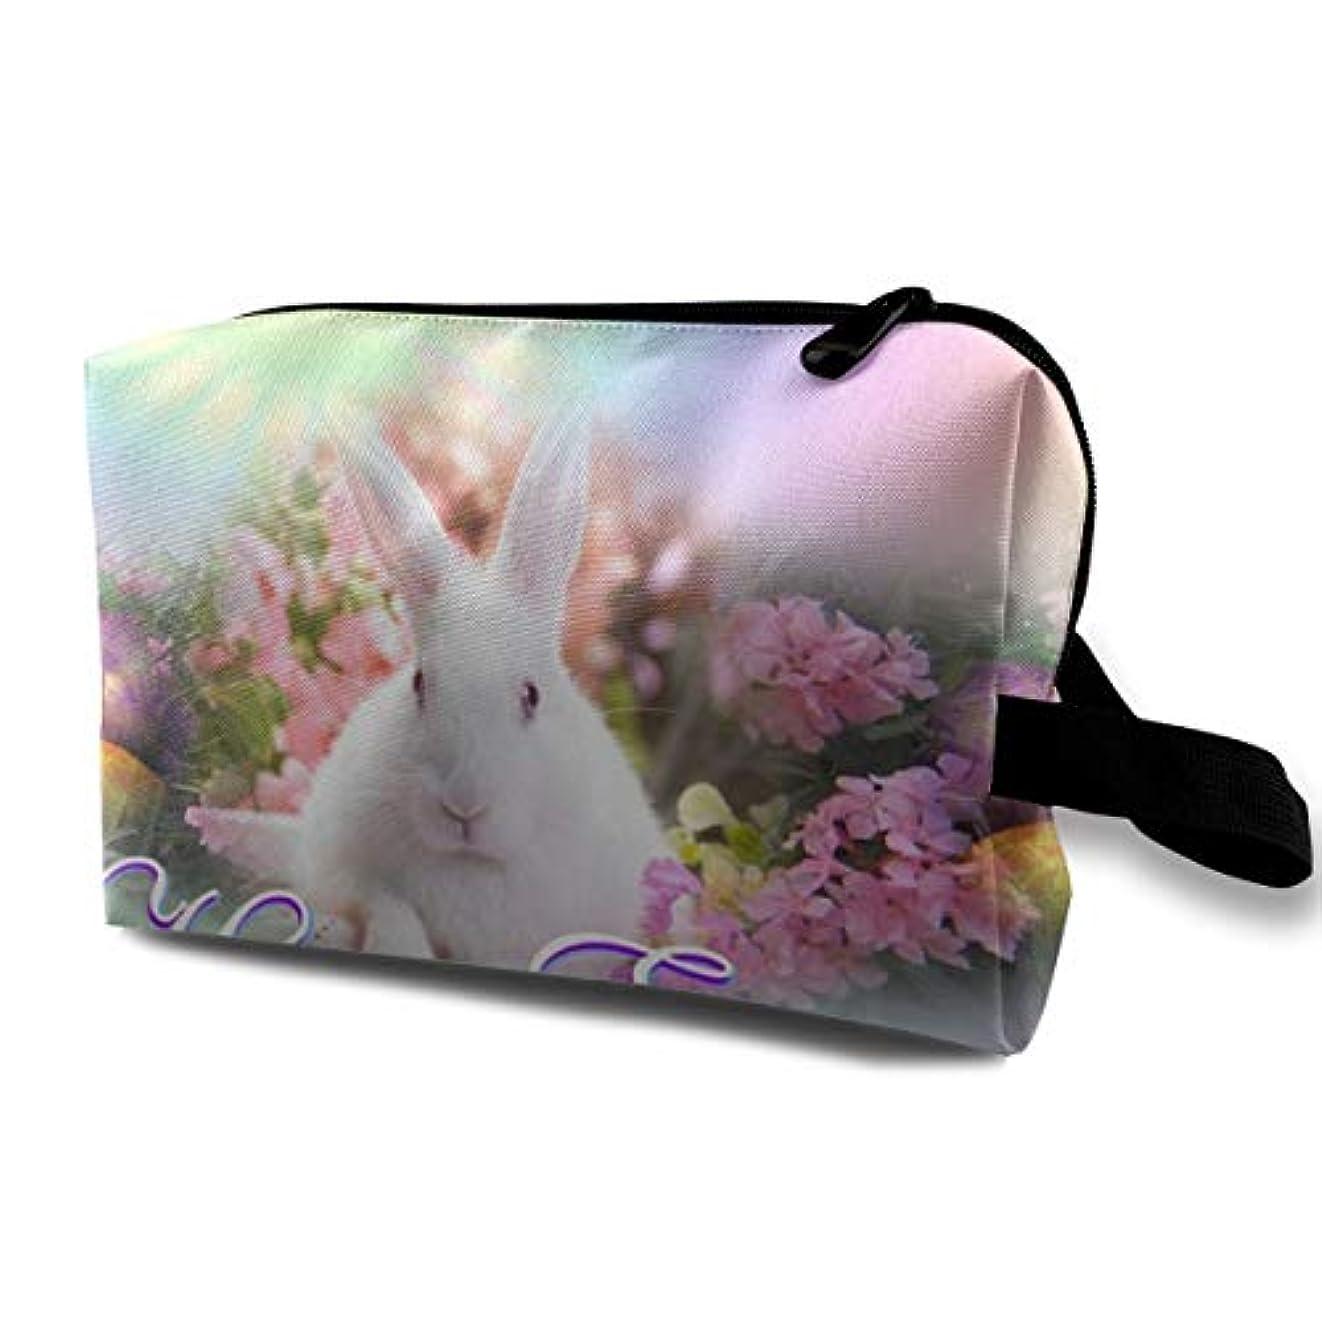 心のこもった会話型ワックスMEClOUD 化粧ポーチイースター おめでとう ウサギ メイクポーチ コスメバッグ 収納 雑貨大容量 小物入れ 旅行用